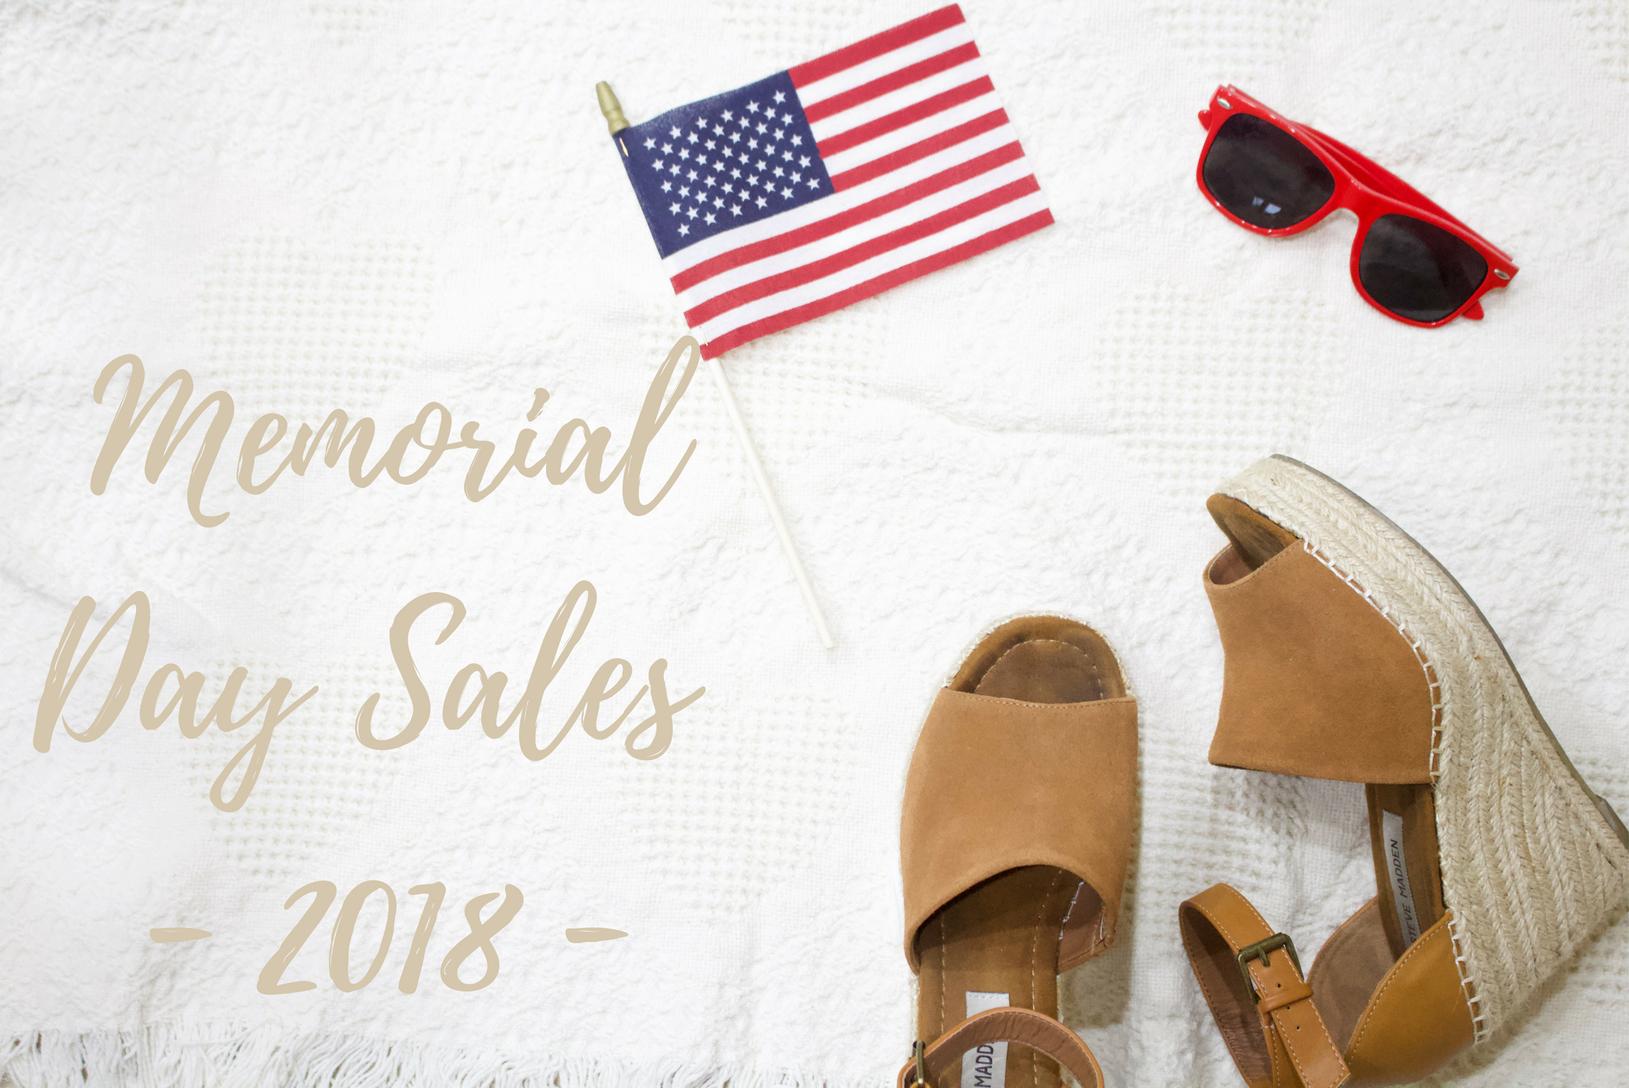 Memorial Day Sales 2018